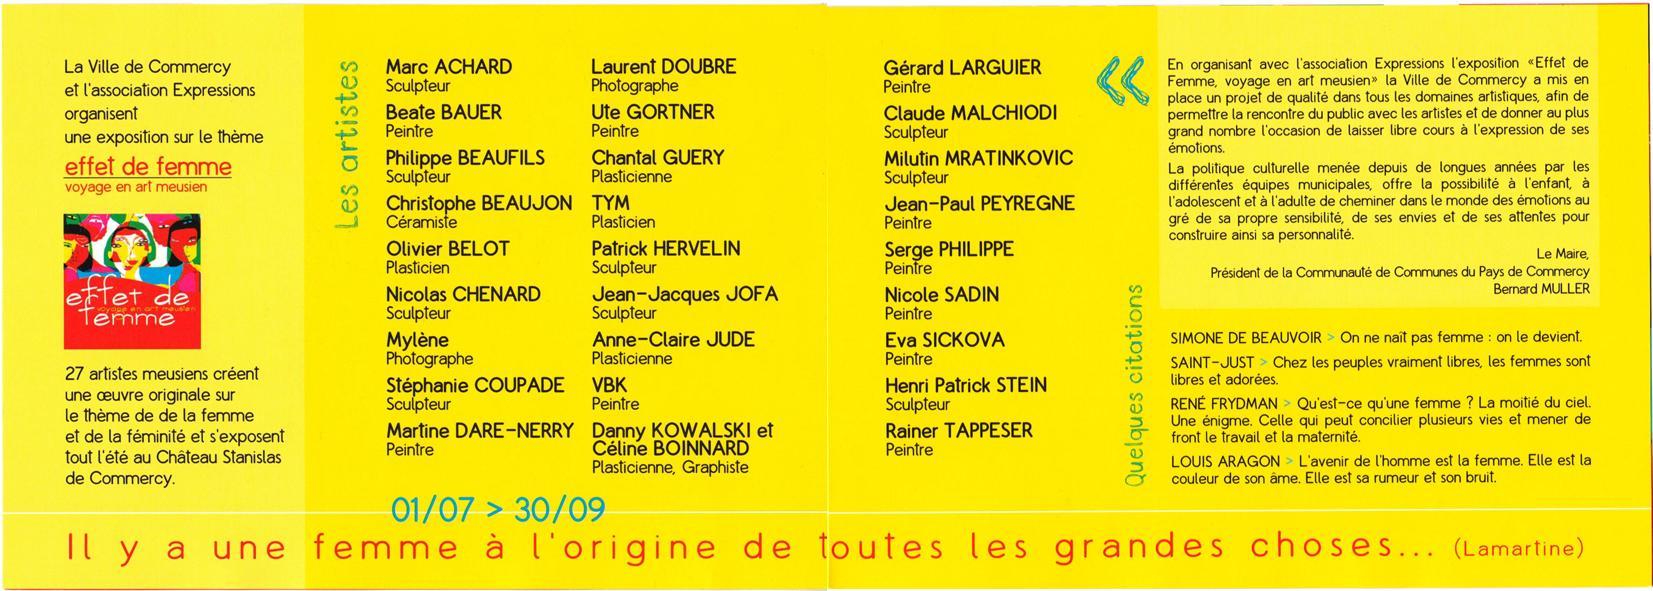 Invitation-Effet-de-Femme-2-et-3 dans EXPOSITIONS PASSEES